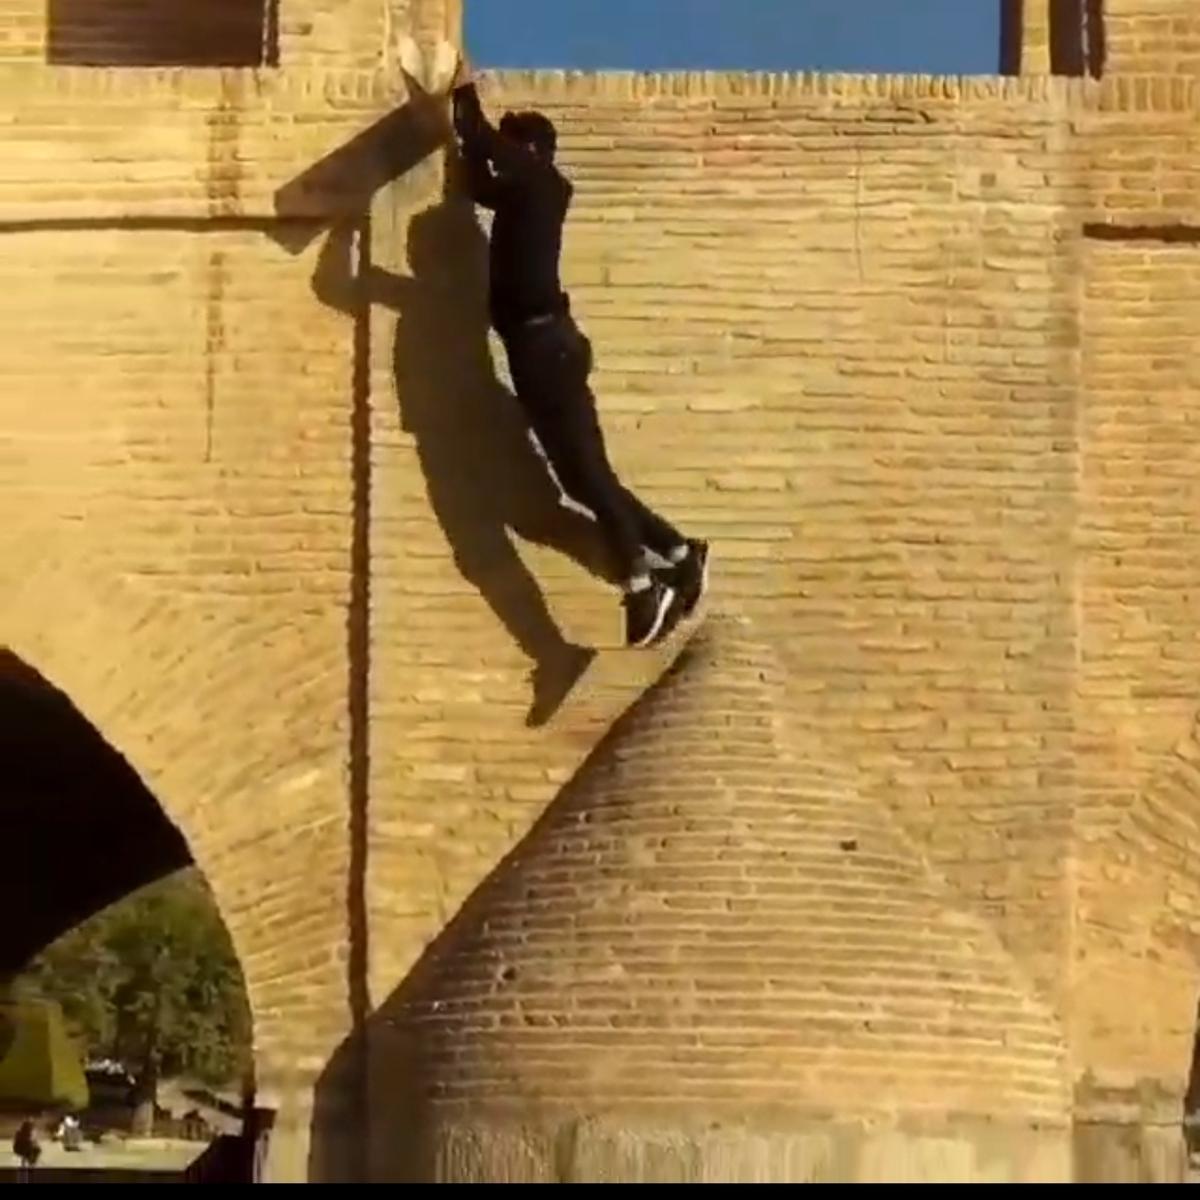 پارکورها از تاریخ صفوی سی وسه پل هم بالا رفتند. + ویدئو